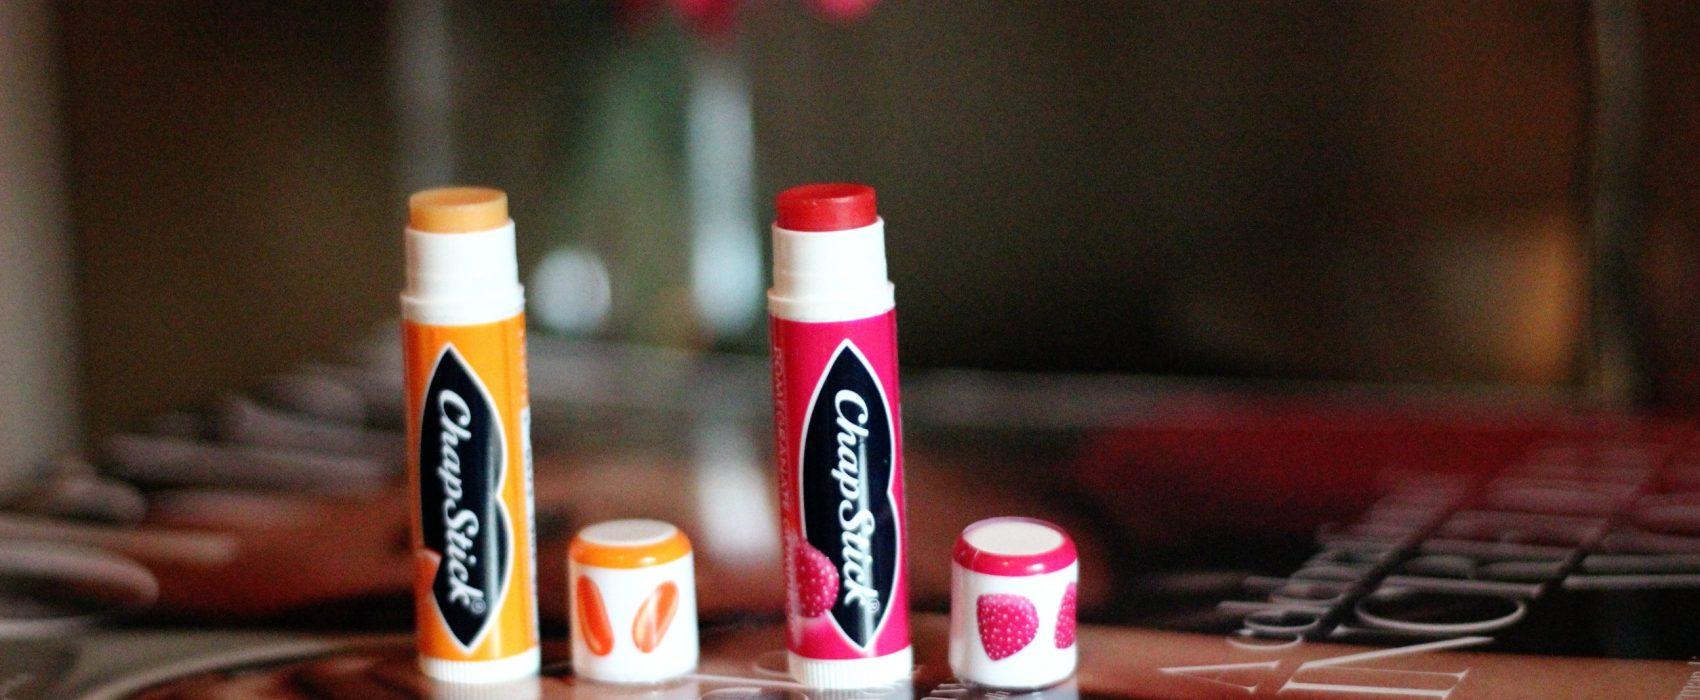 Chapstick, moisturize, hydration, spring